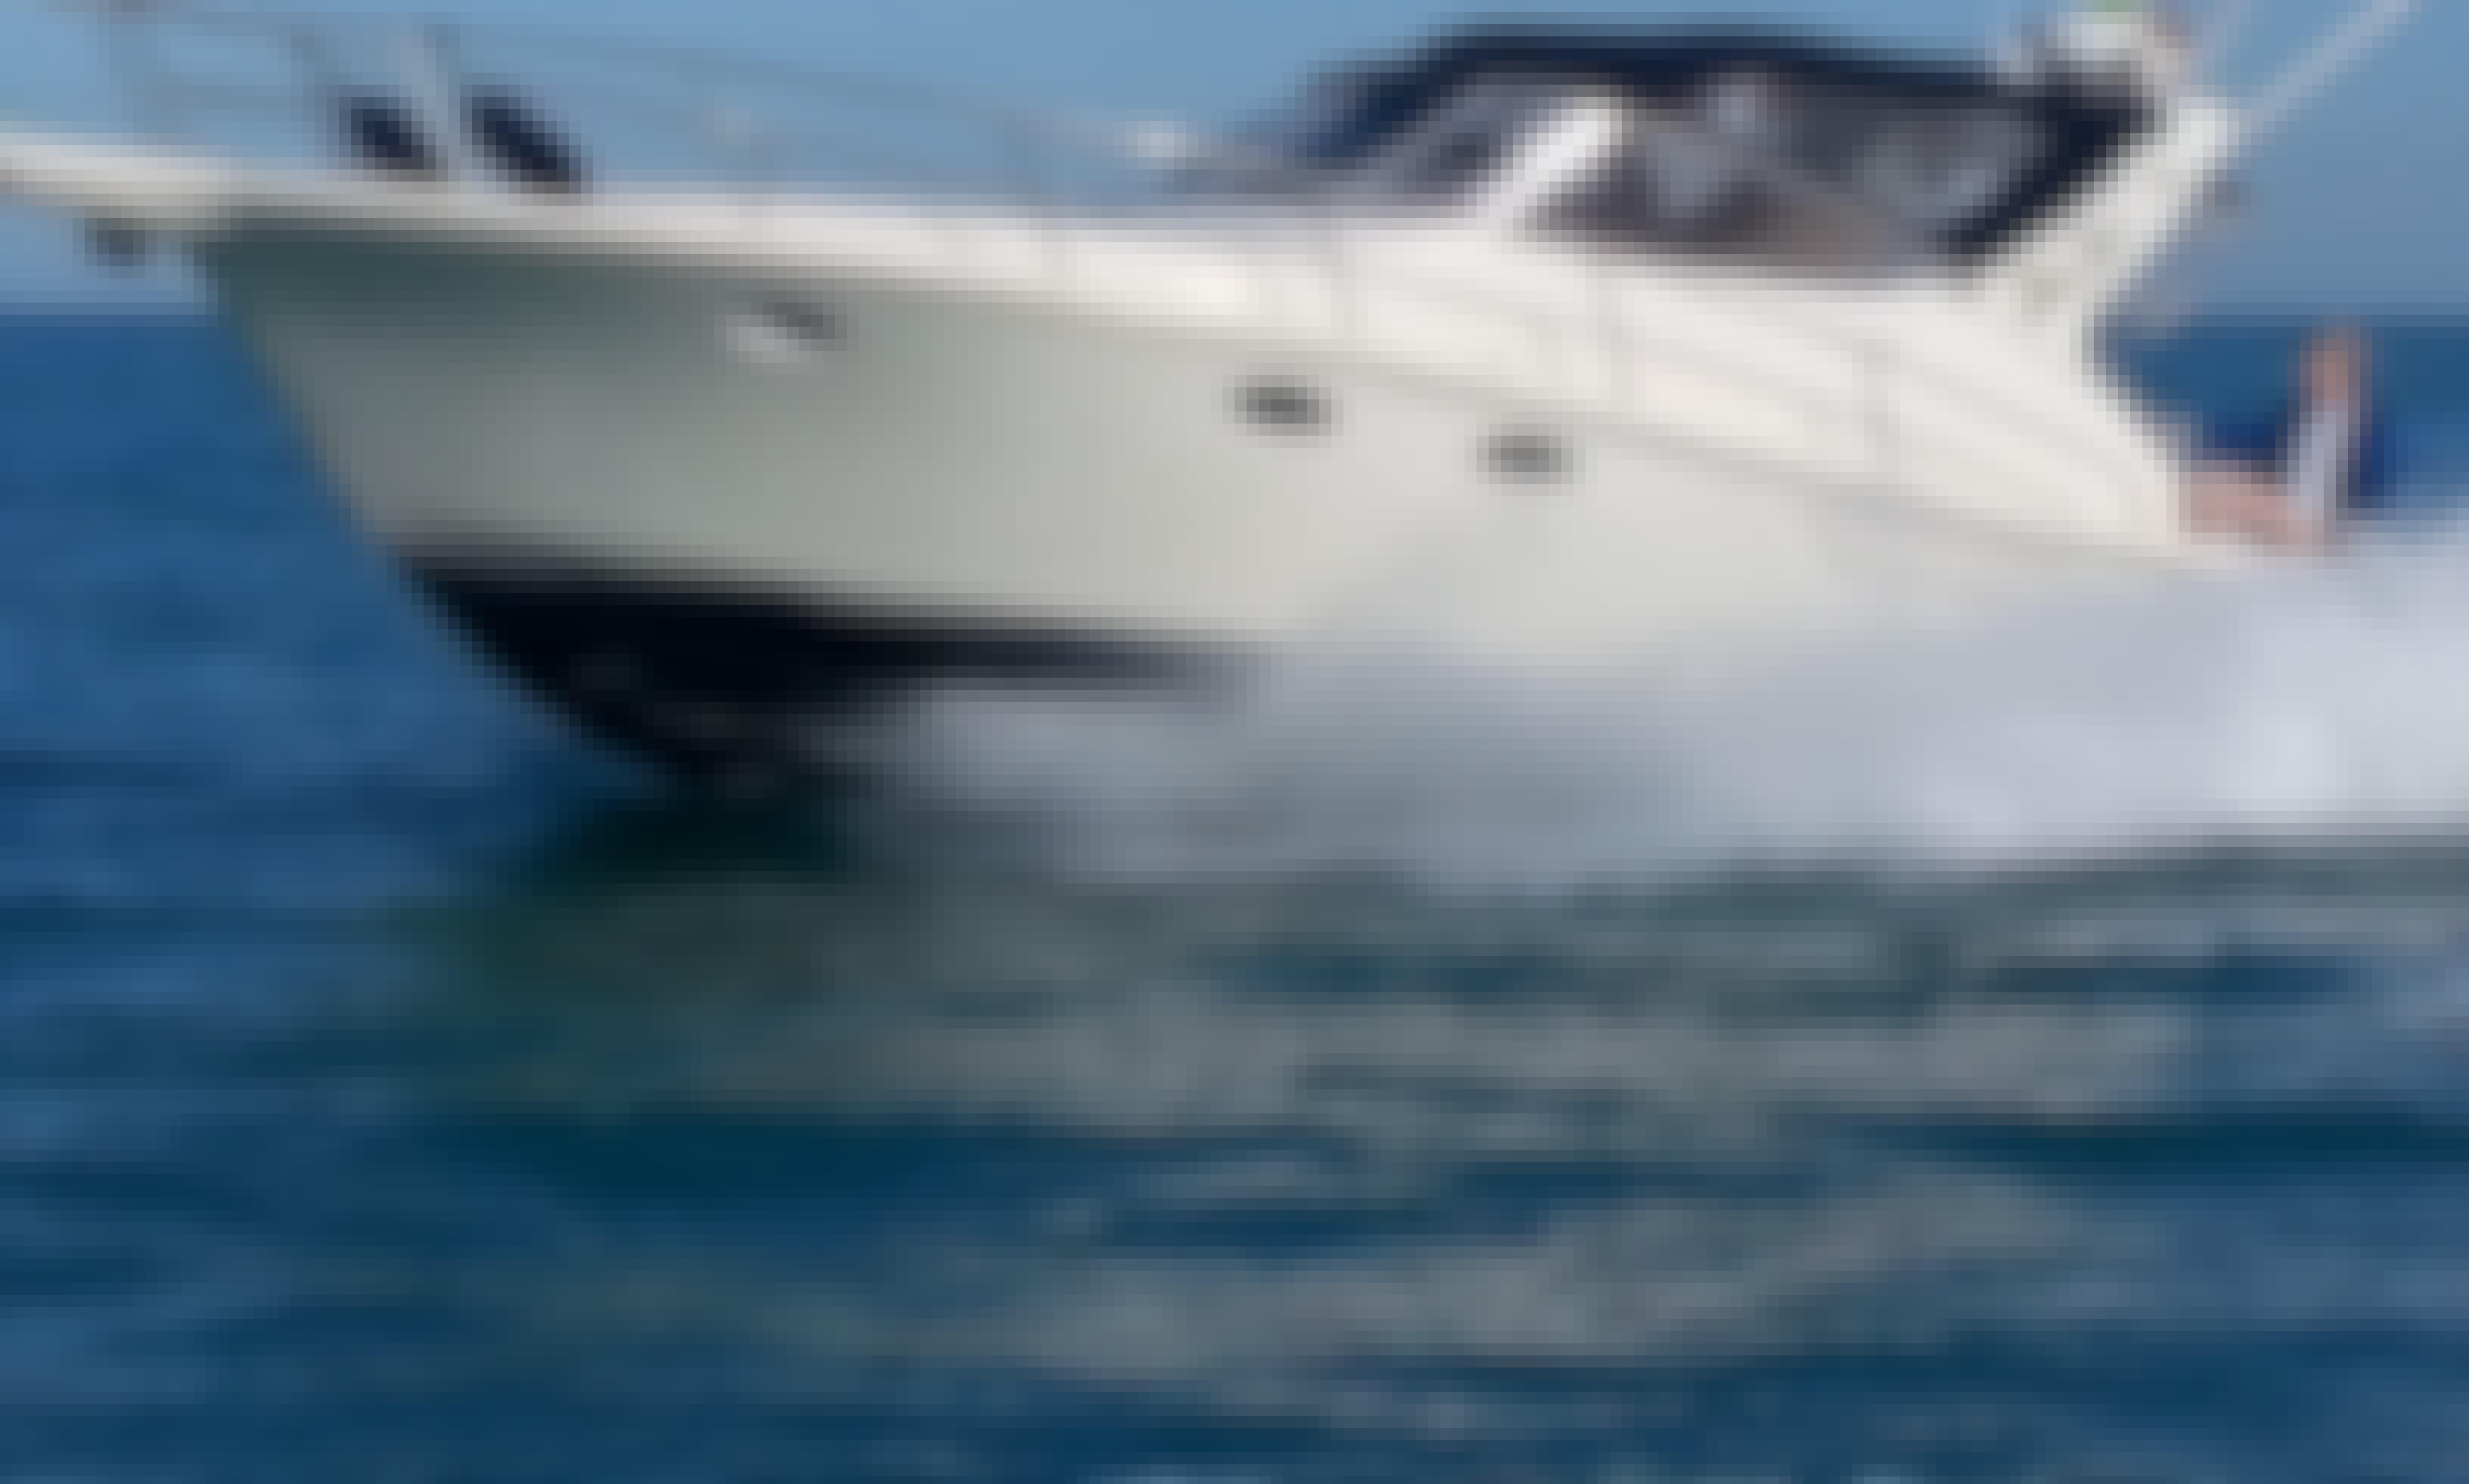 3B Craft 37 Motor Yacht Charter from Ancona, Italy